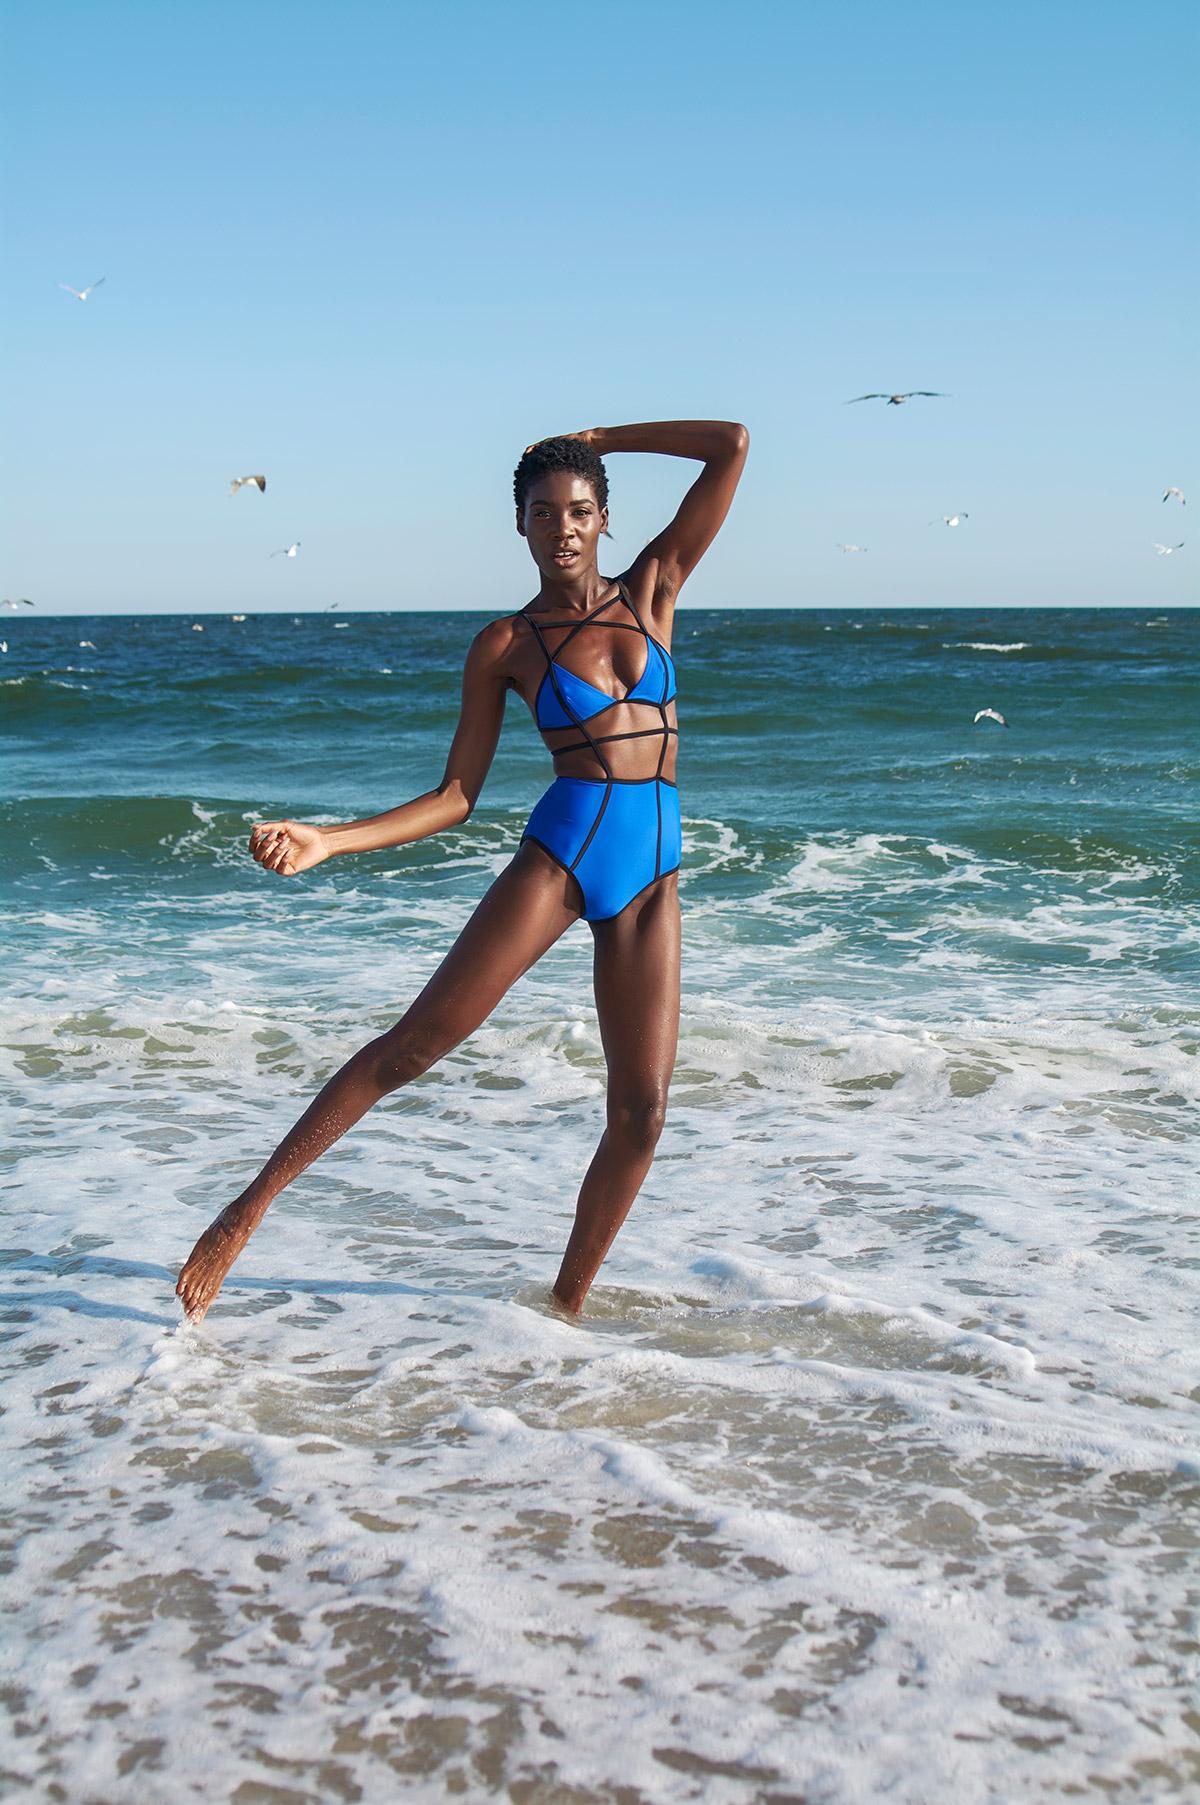 mirza-babic-fashion-photography-new-york-ny-nikon-high-fashion-swim9.jpg